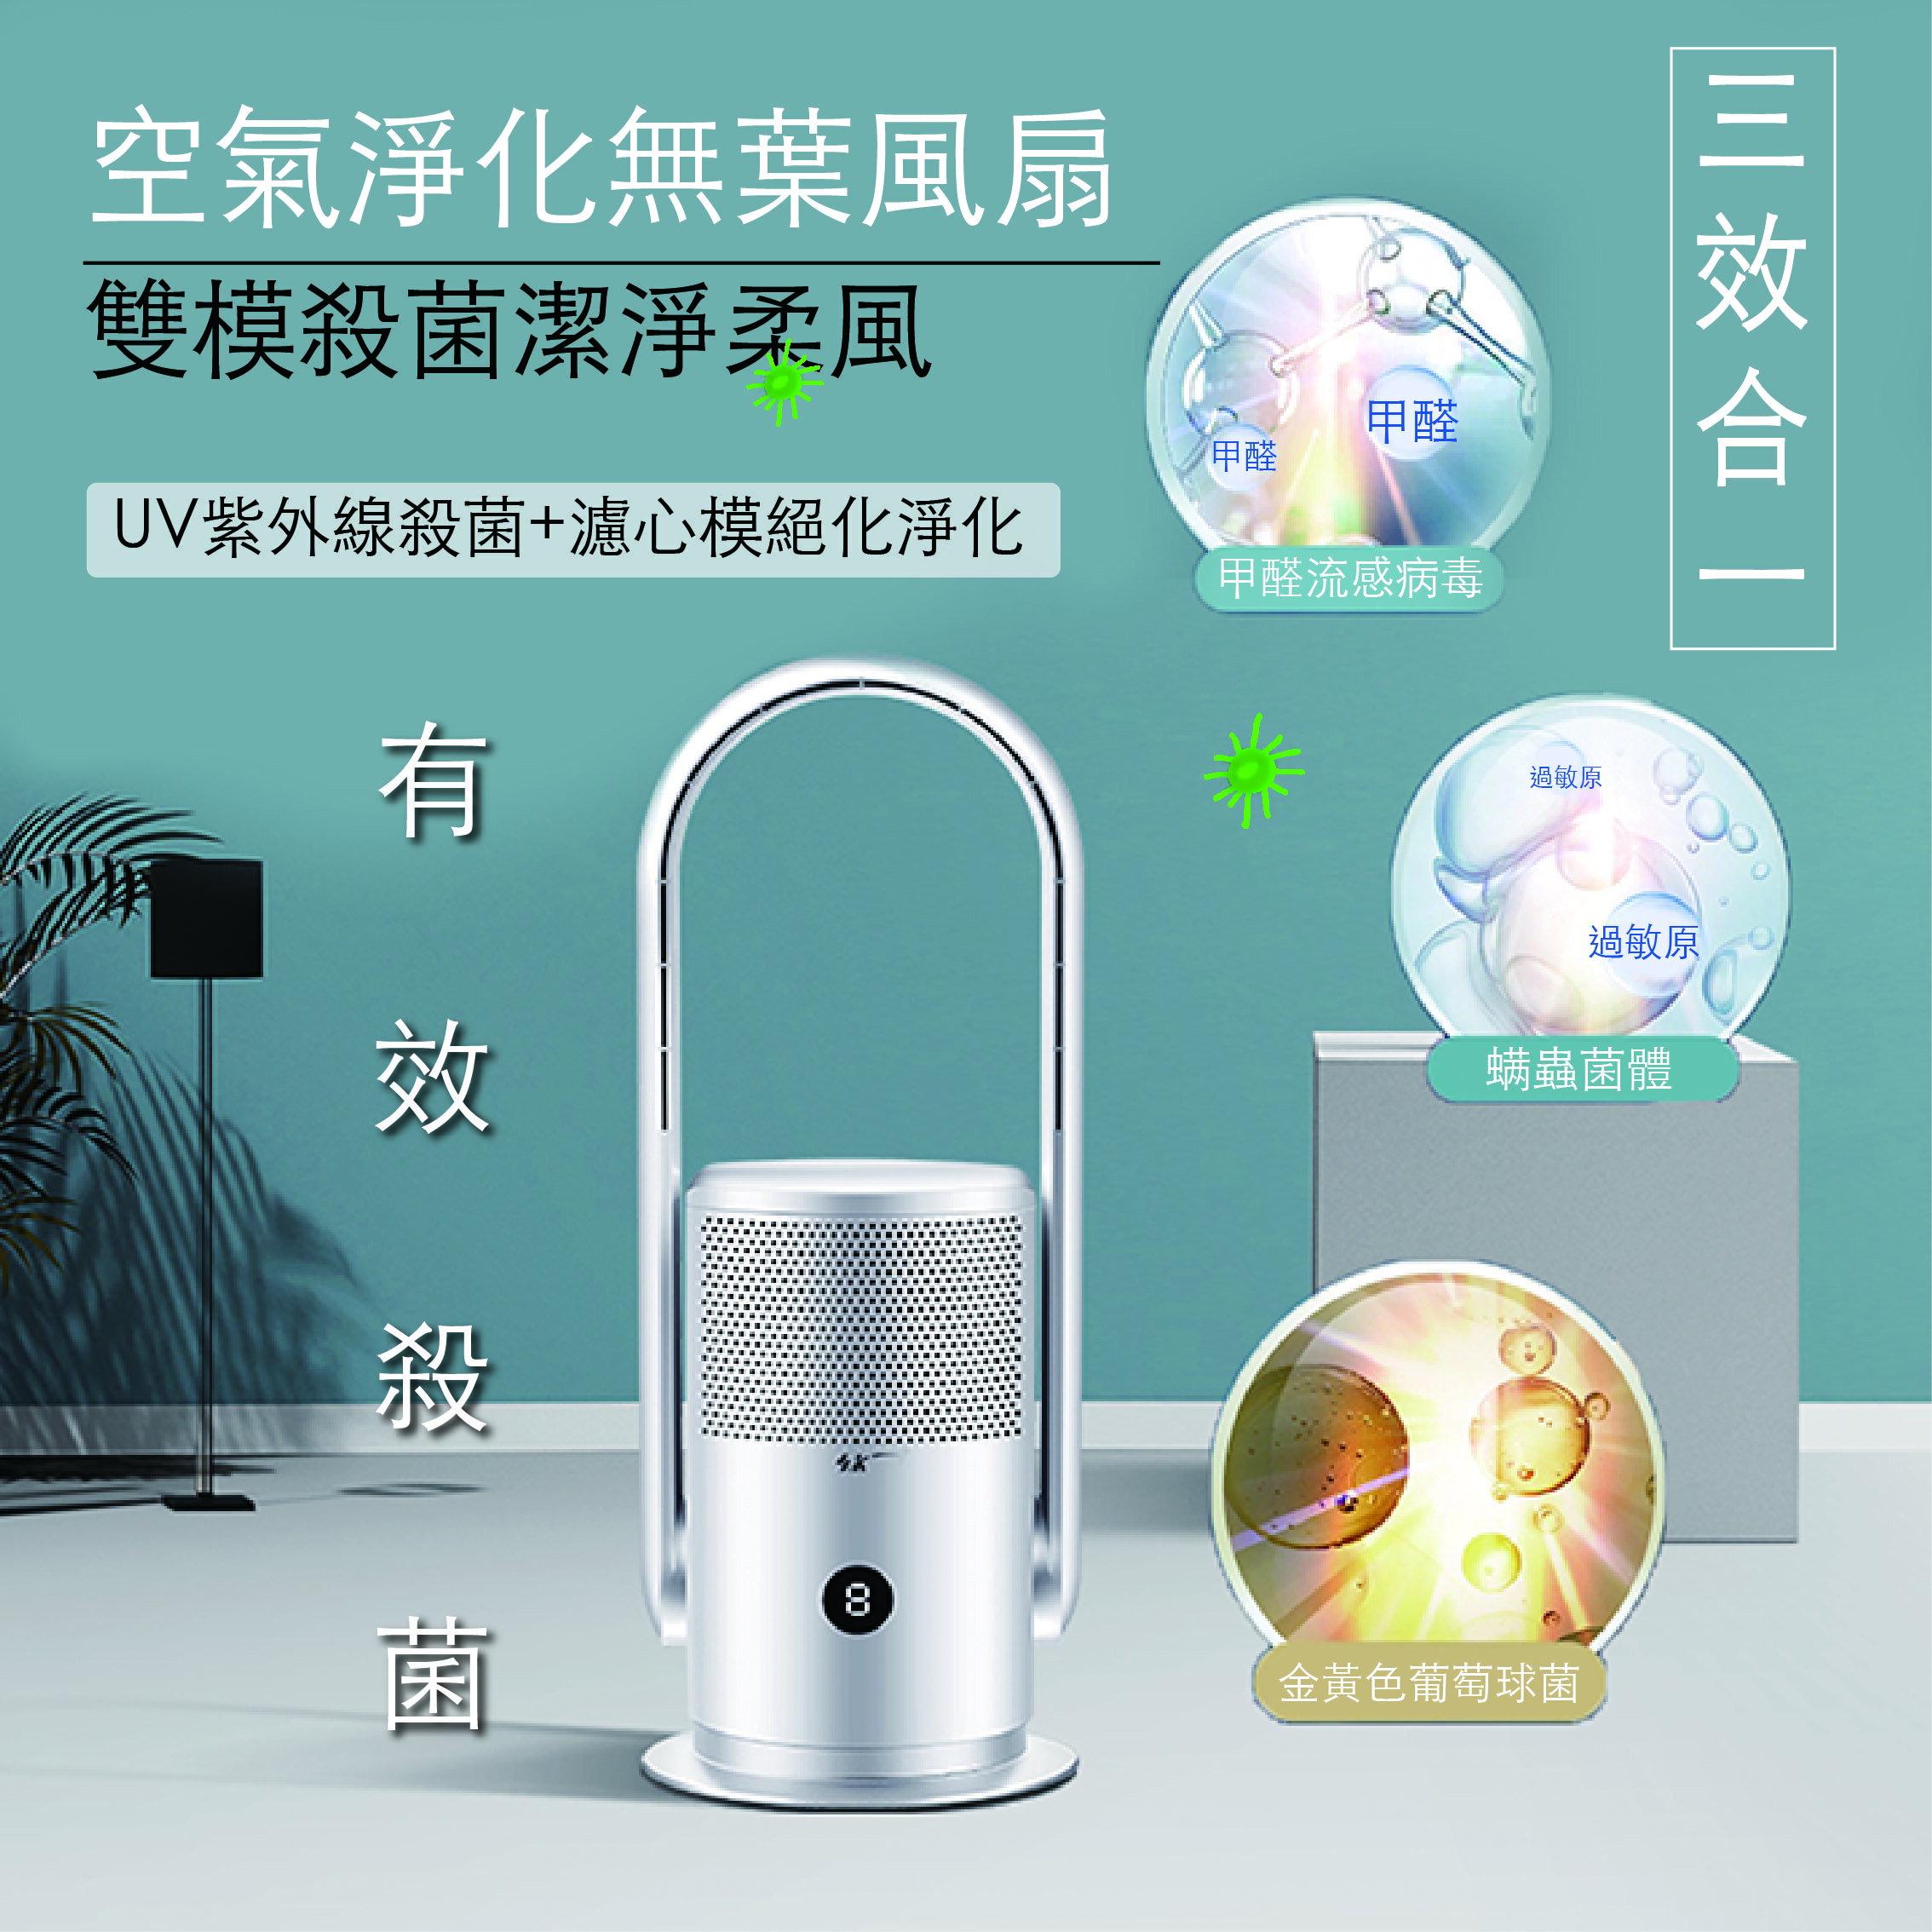 SK Japan 無葉風扇2020新款落地扇靜音家用空氣清淨機 淨化對流台式塔式無扇葉電風扇 0